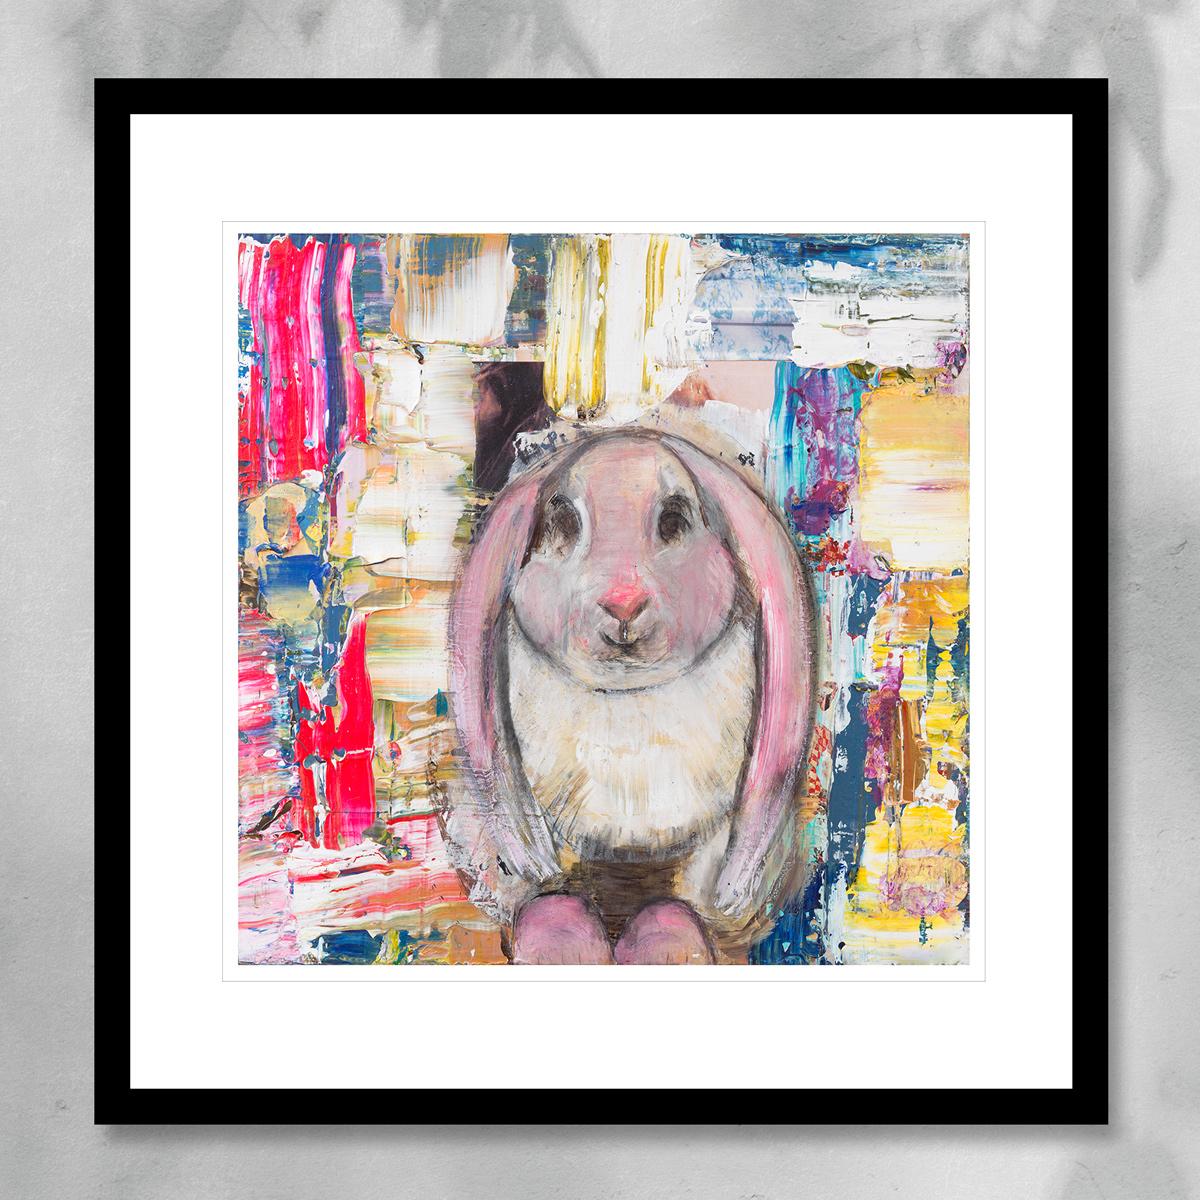 Søt rosa harepus, malt med flerfarget abstrakte penselstrøk. Håndkolorert grafikk av Marianne Aulie.